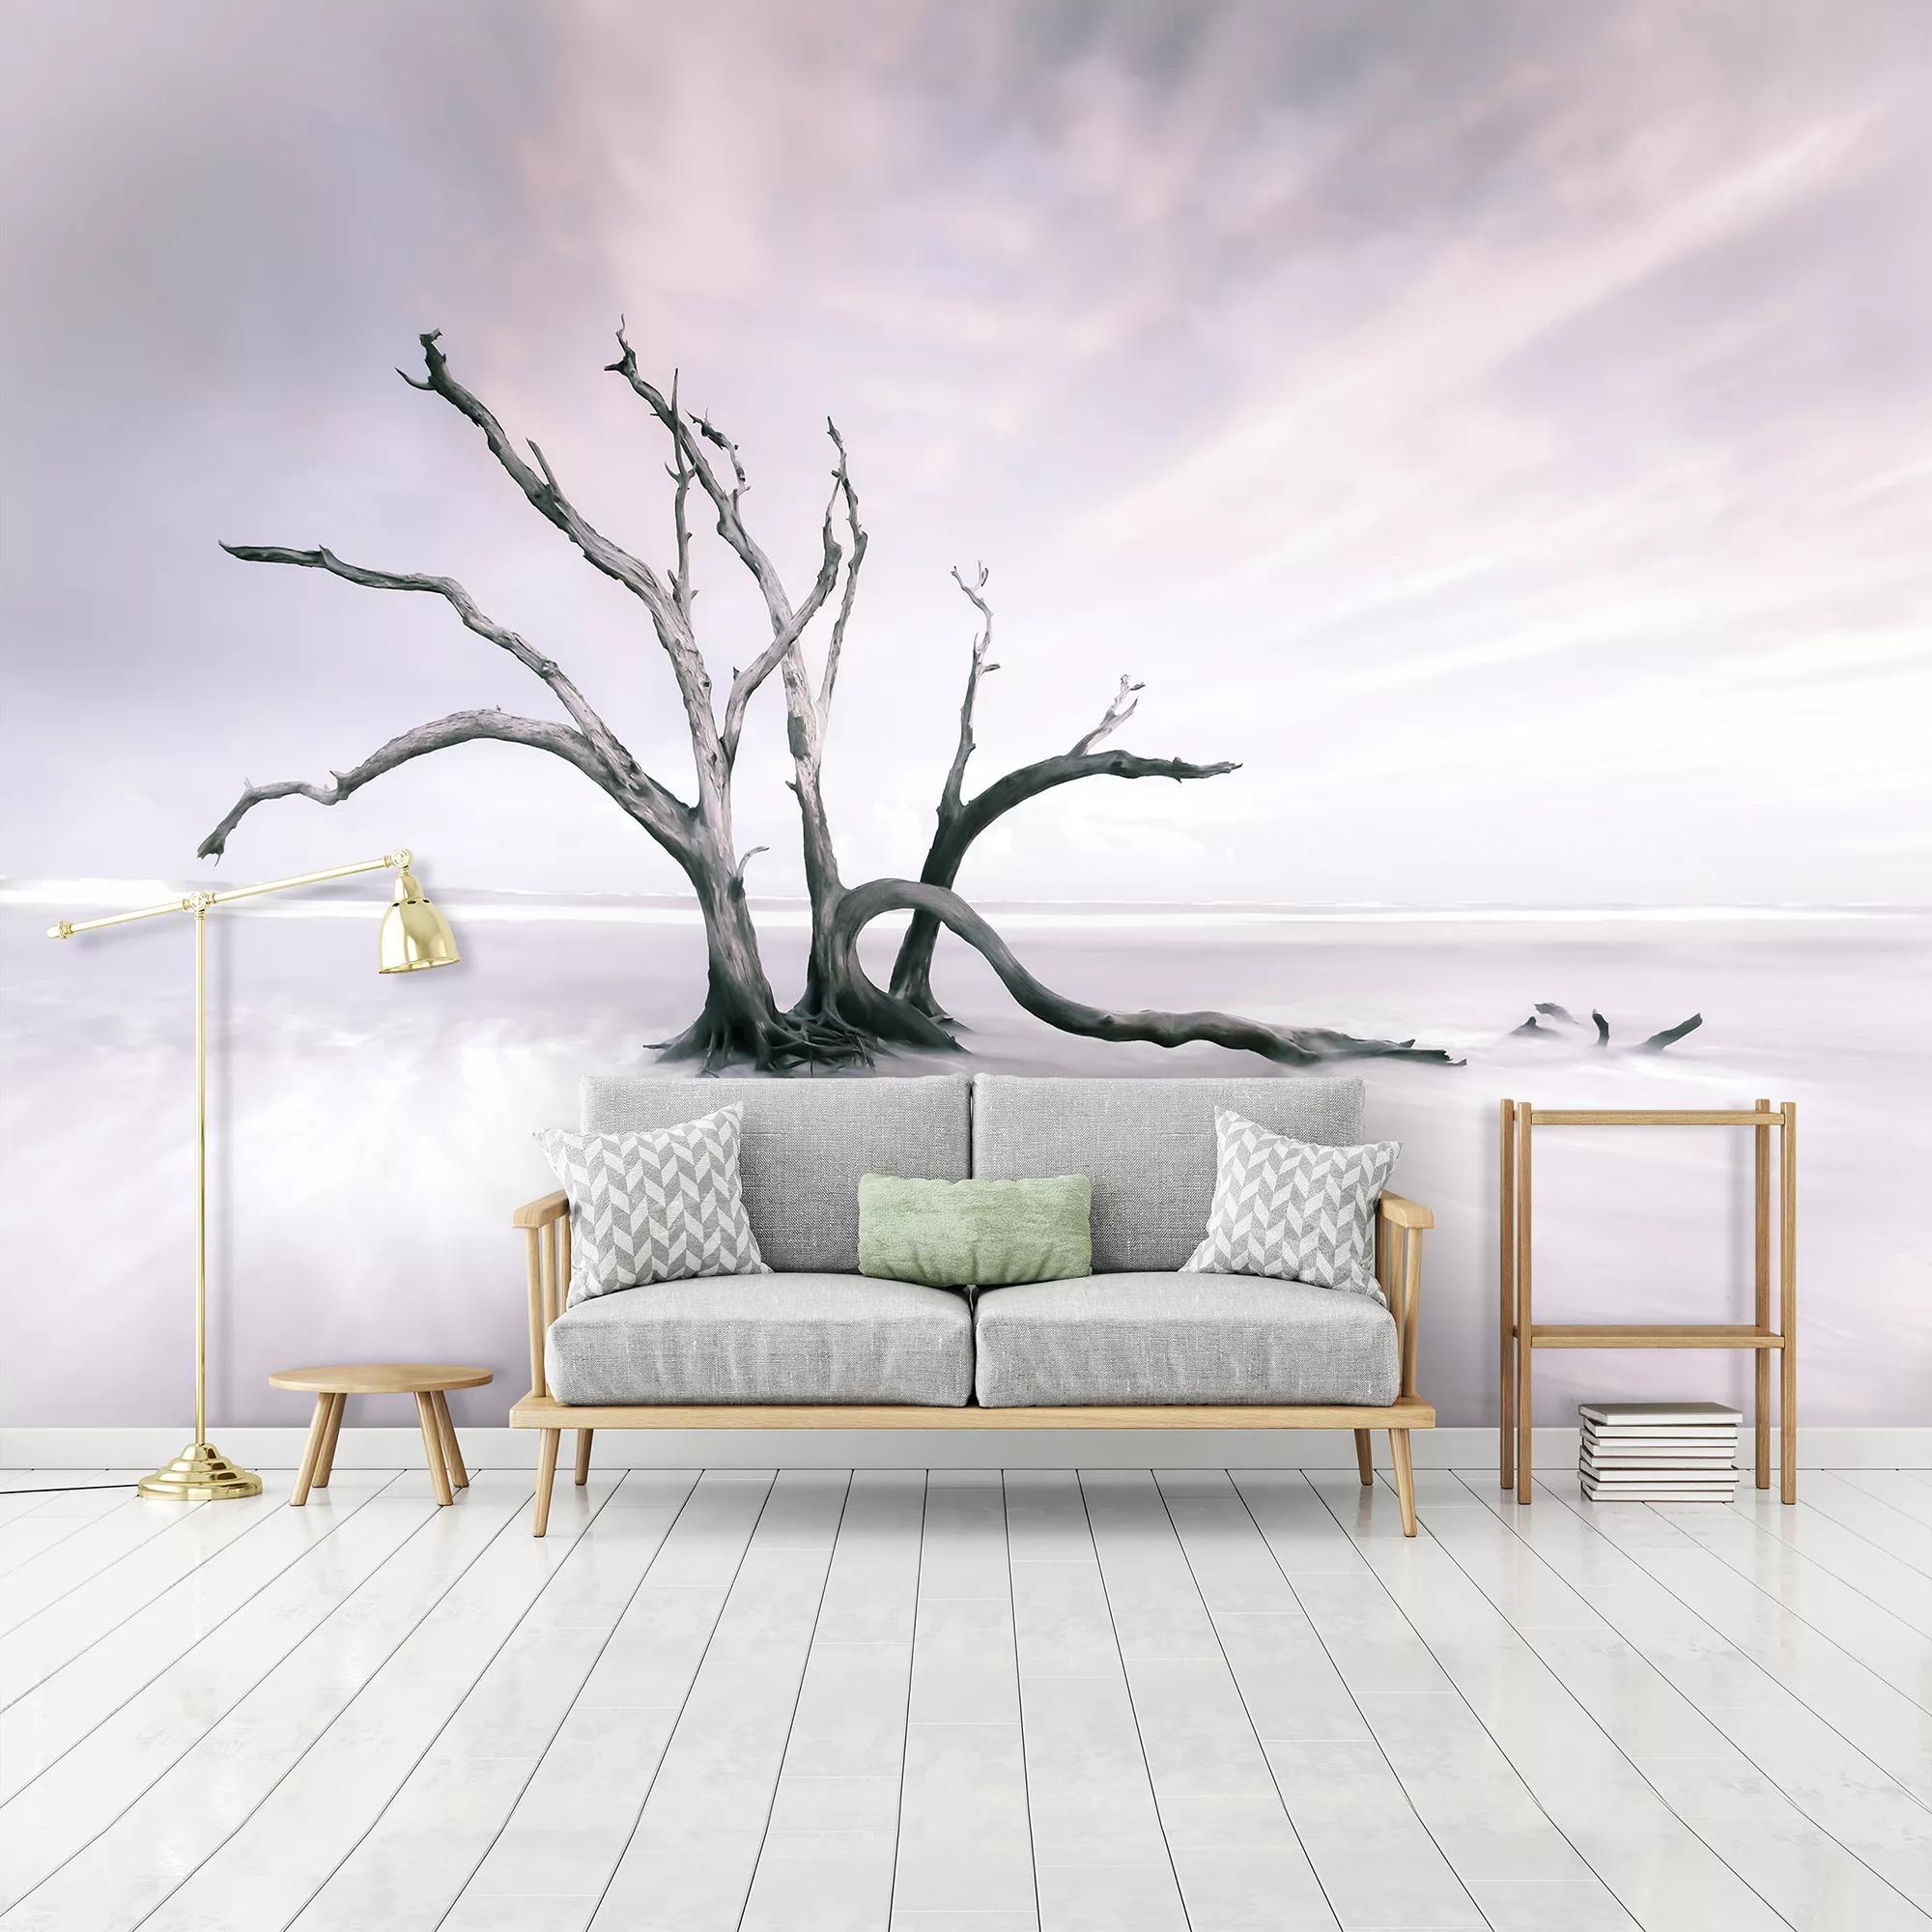 Fali poszter egy kiszáradt fa fotójával minimalista hangulatban